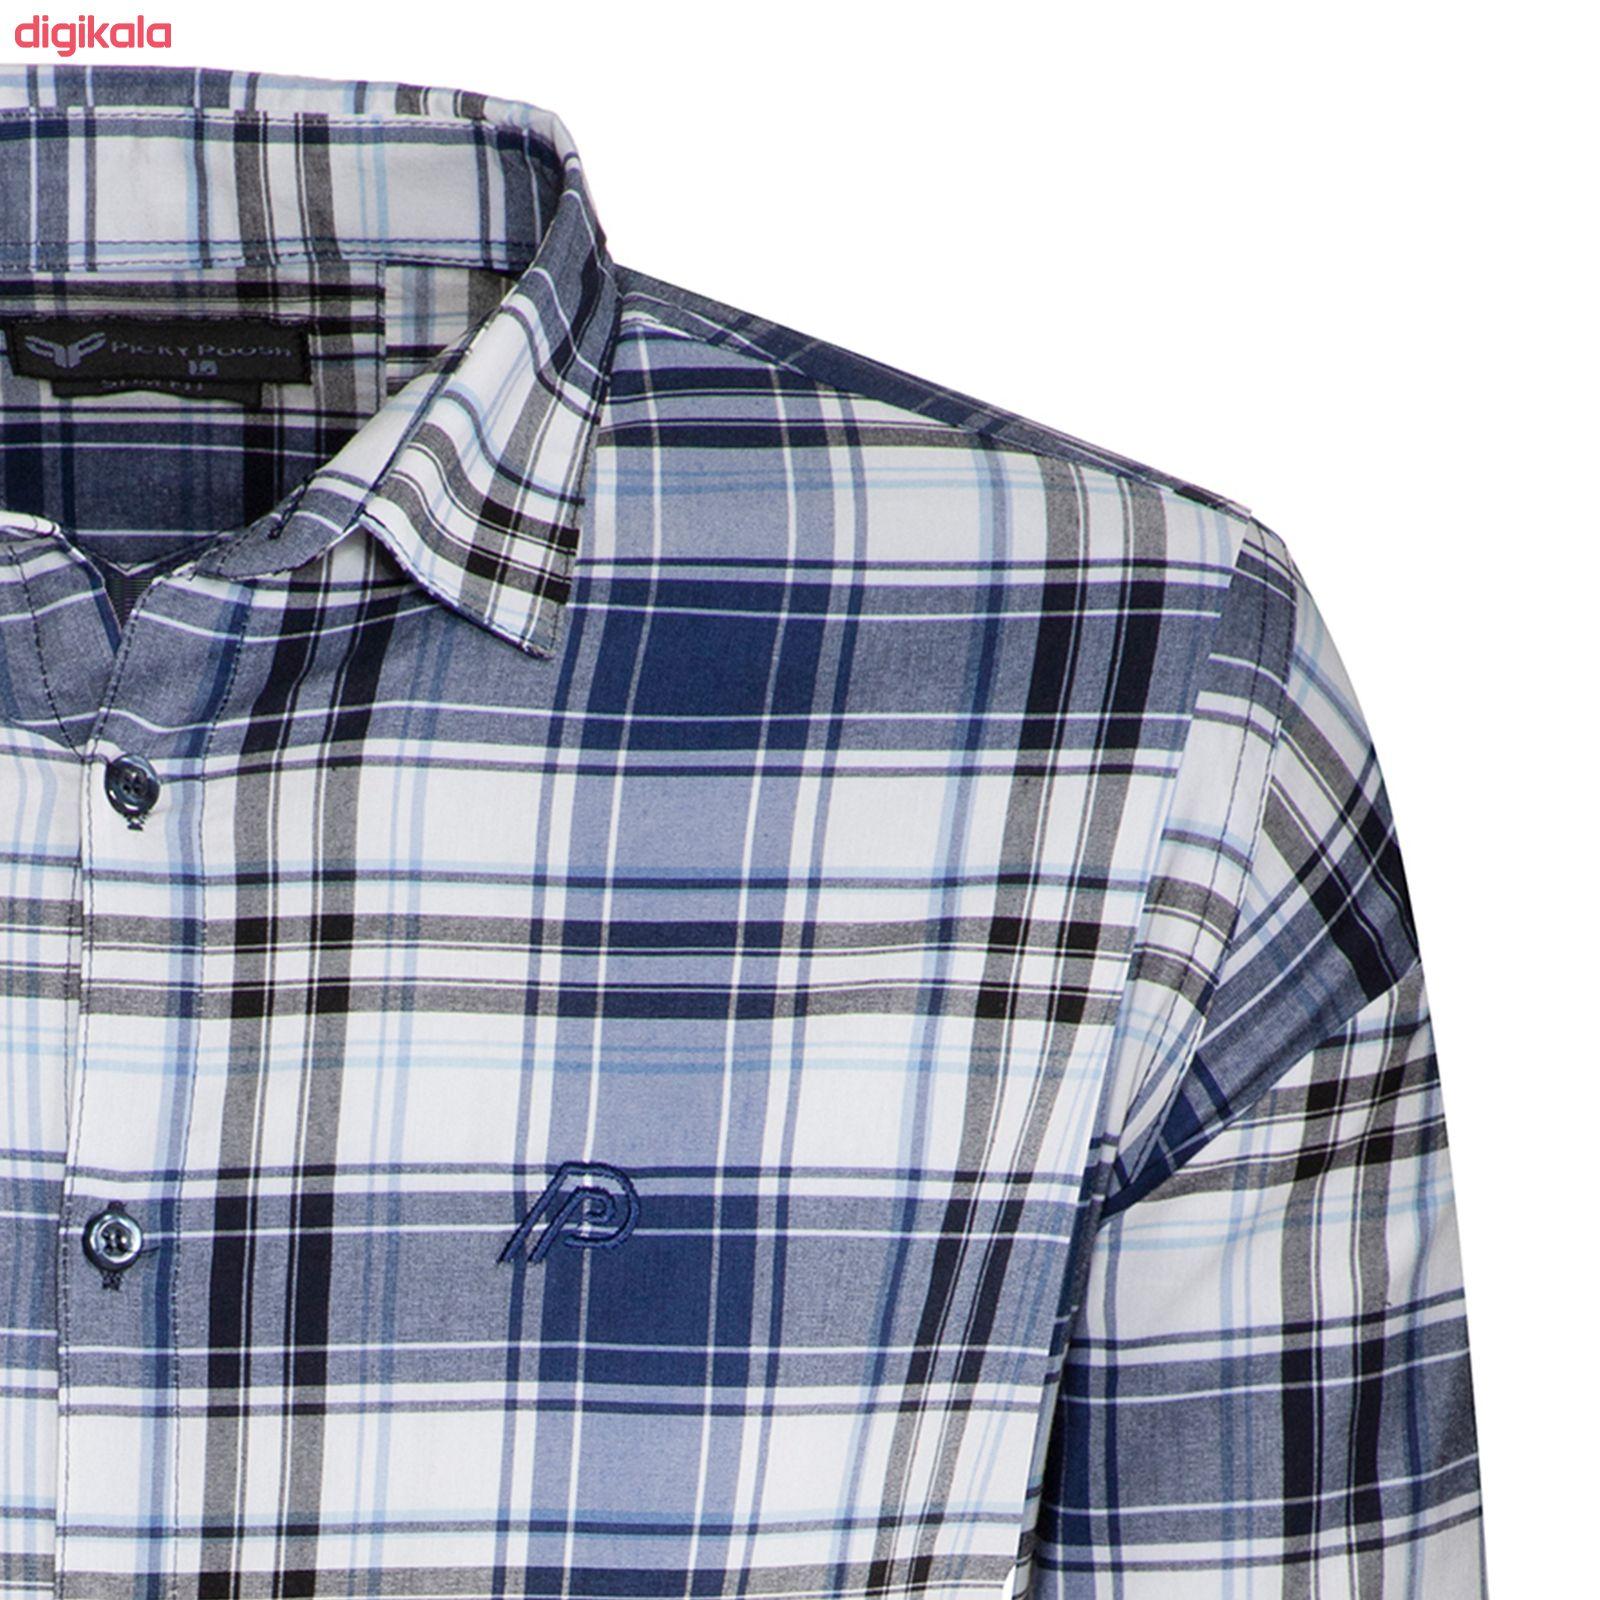 پیراهن مردانه پیکی پوش مدل M02420 main 1 5